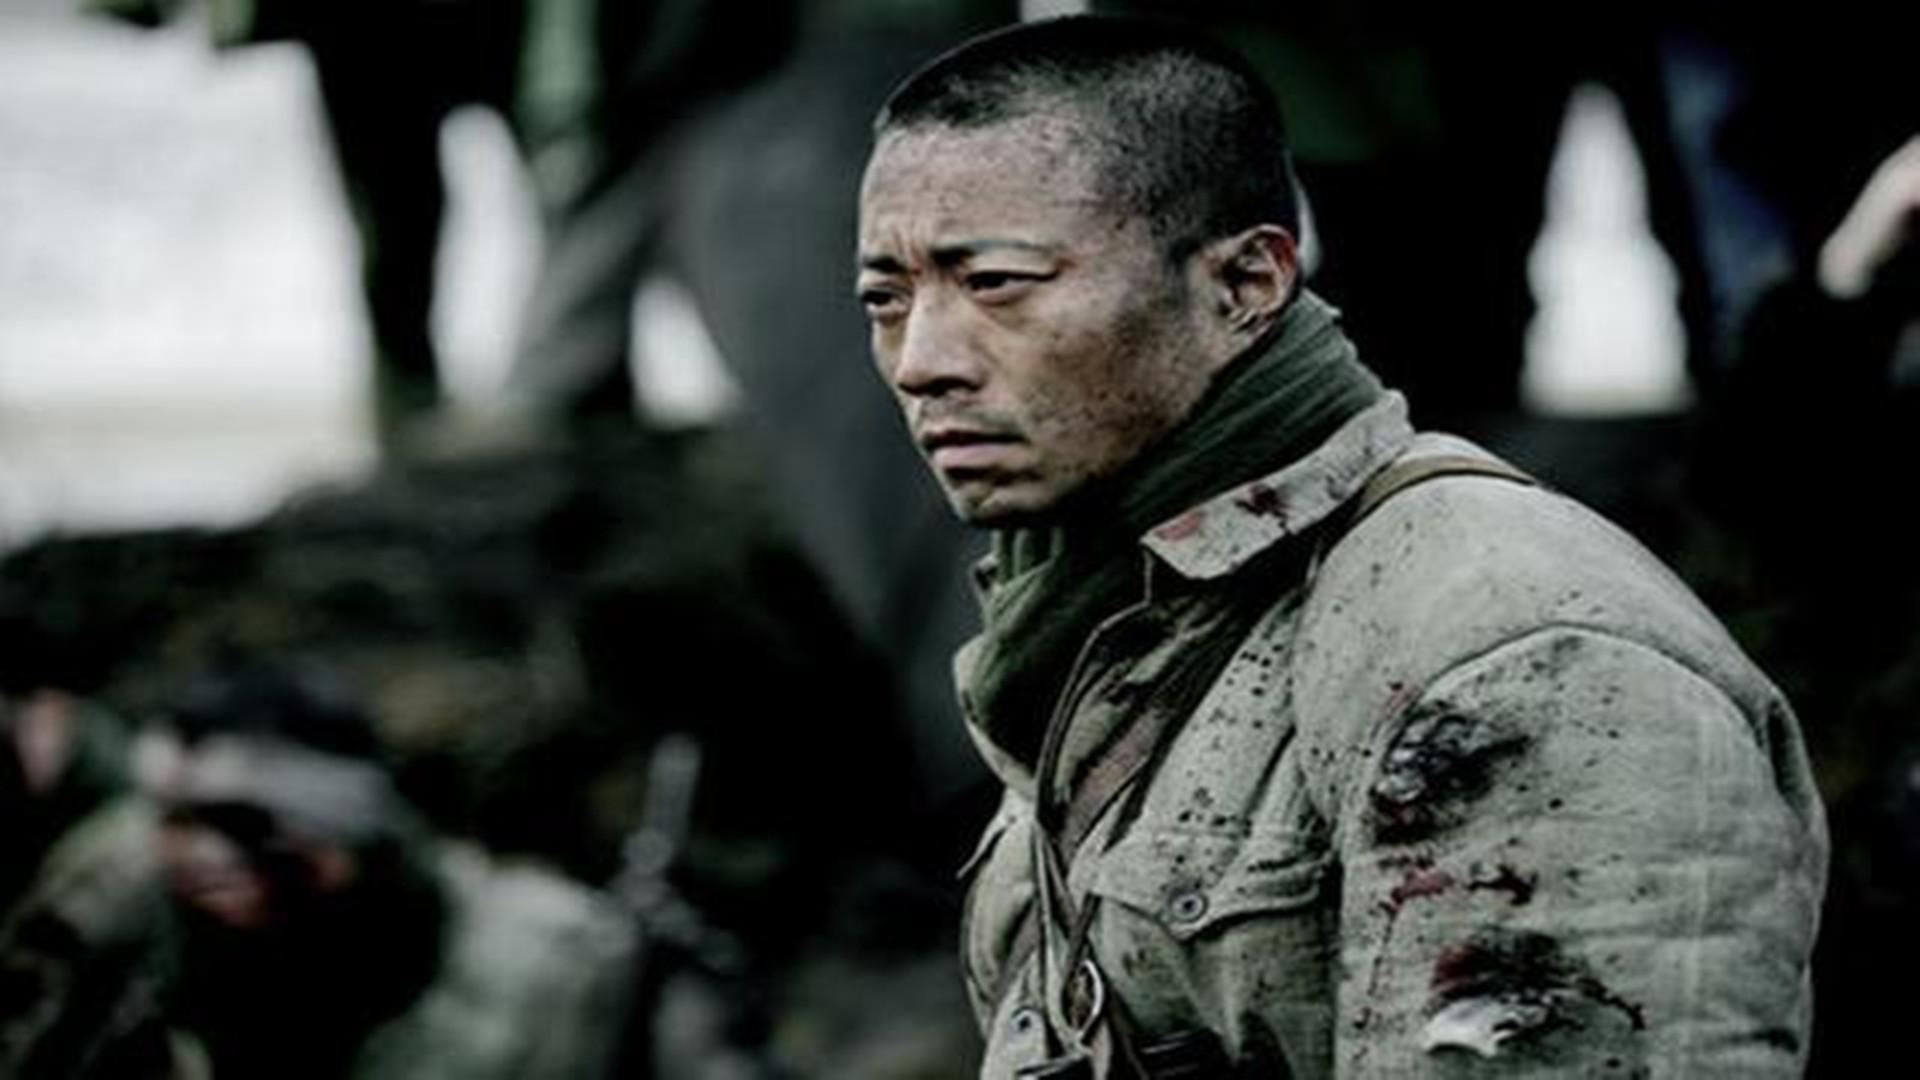 同是饰演军人,黄景瑜痞帅,吴京塑造了一个有血有肉的军人形象